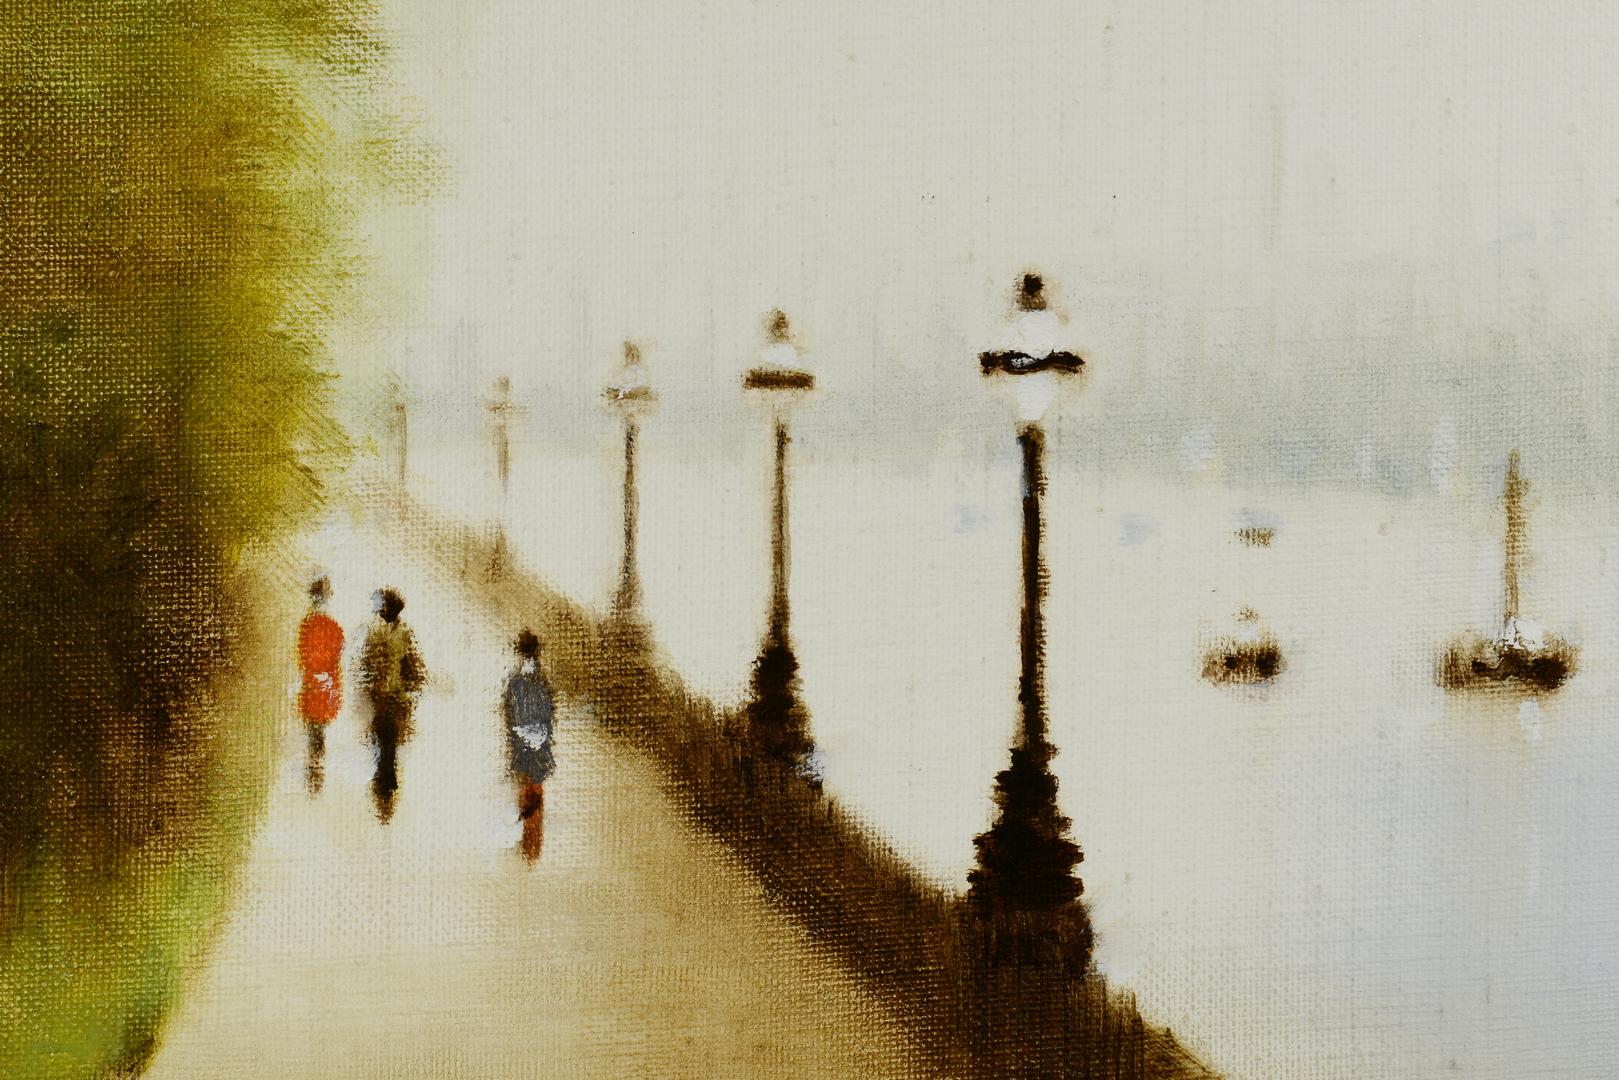 Lot 3088111: Anthony Klitz o/c, Thames Landscape